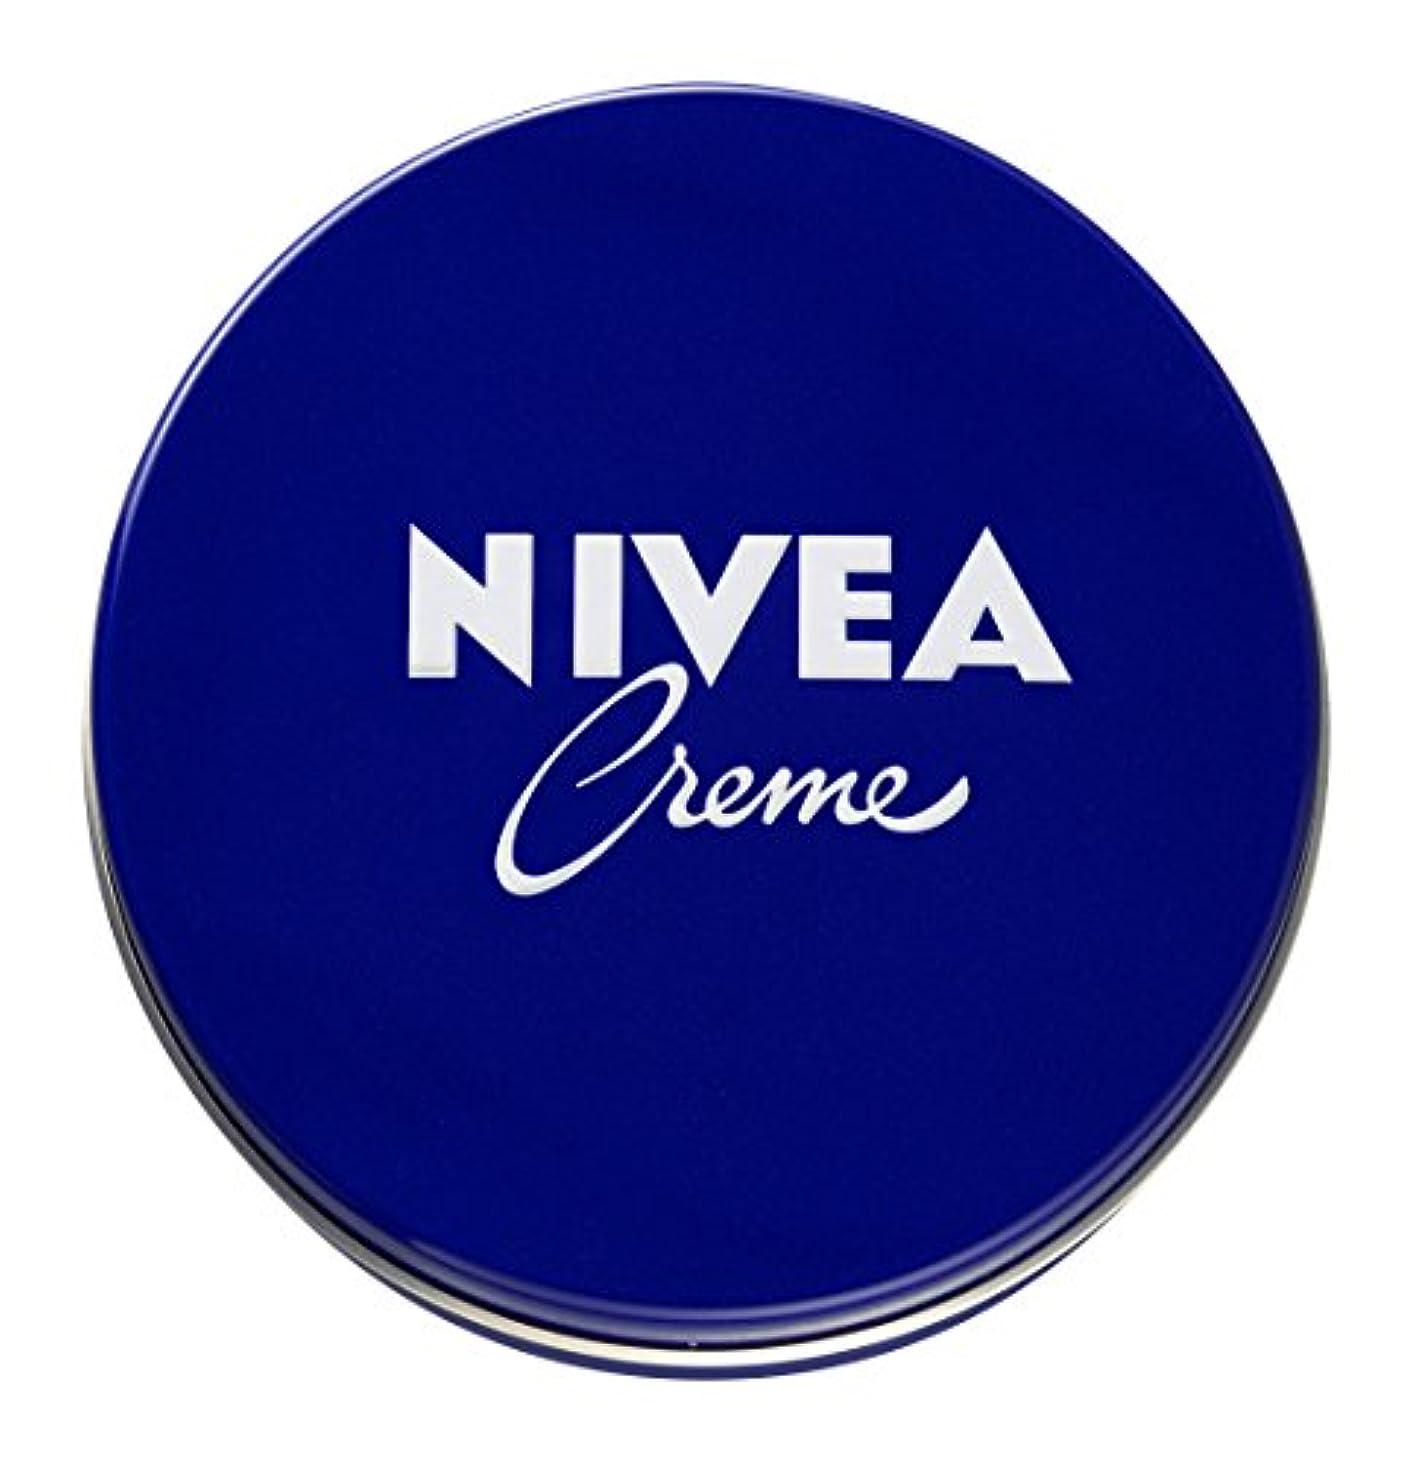 素晴らしさモジュール約束するニベア クリーム 大缶 169g